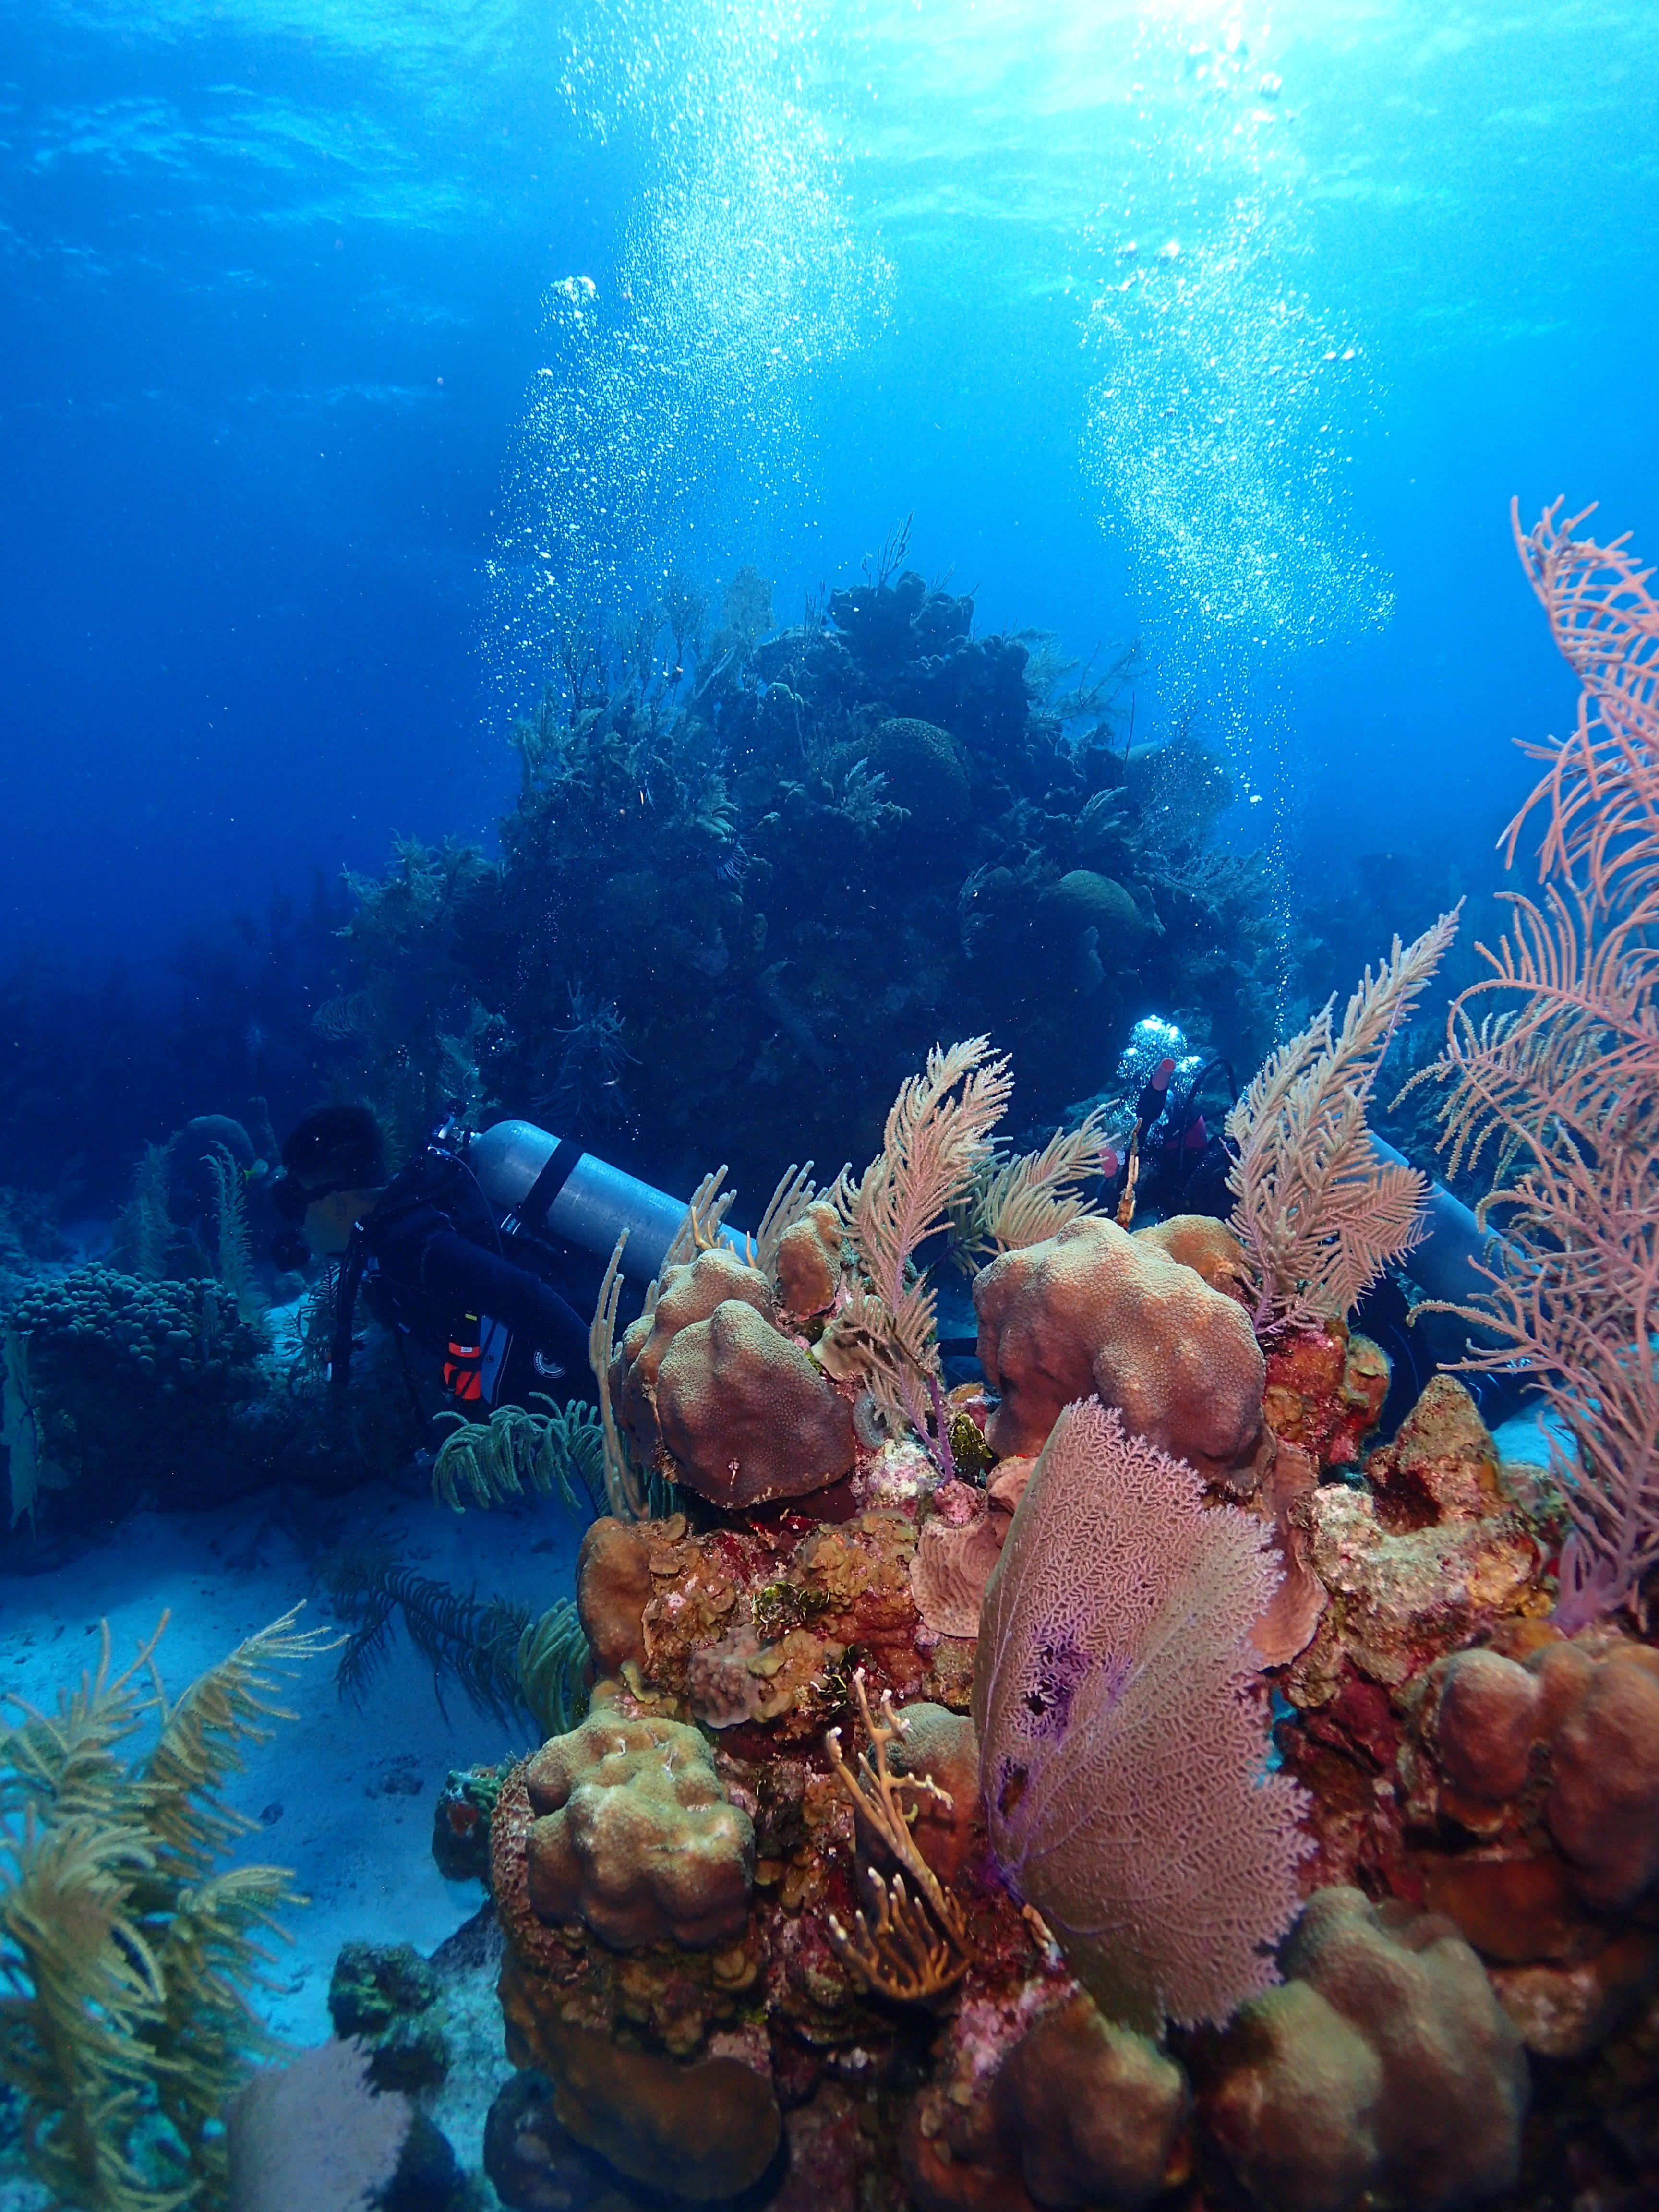 Divers in the Aquarium